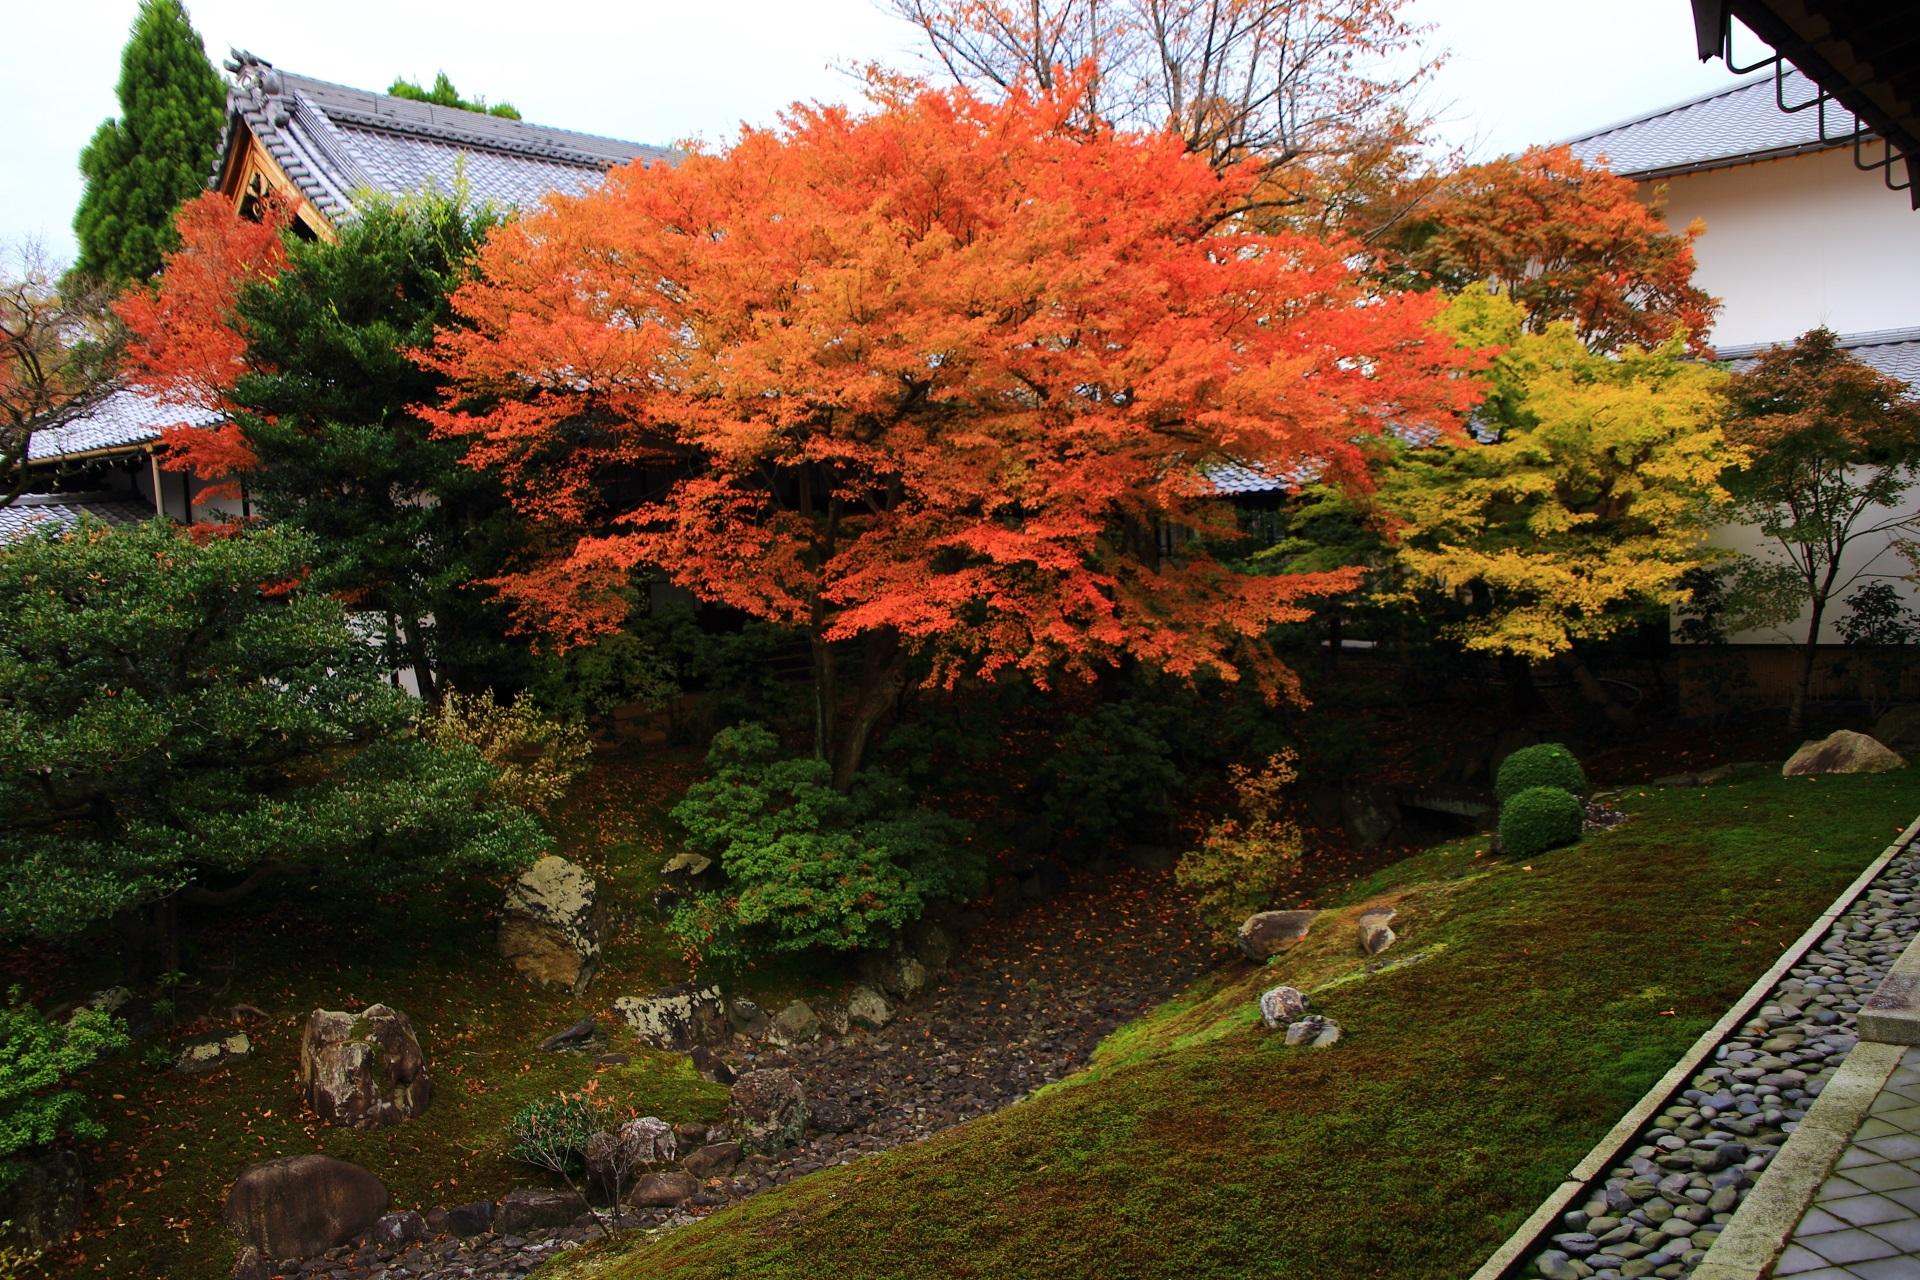 相国寺裏方丈庭園の素晴らしい紅葉と秋の情景